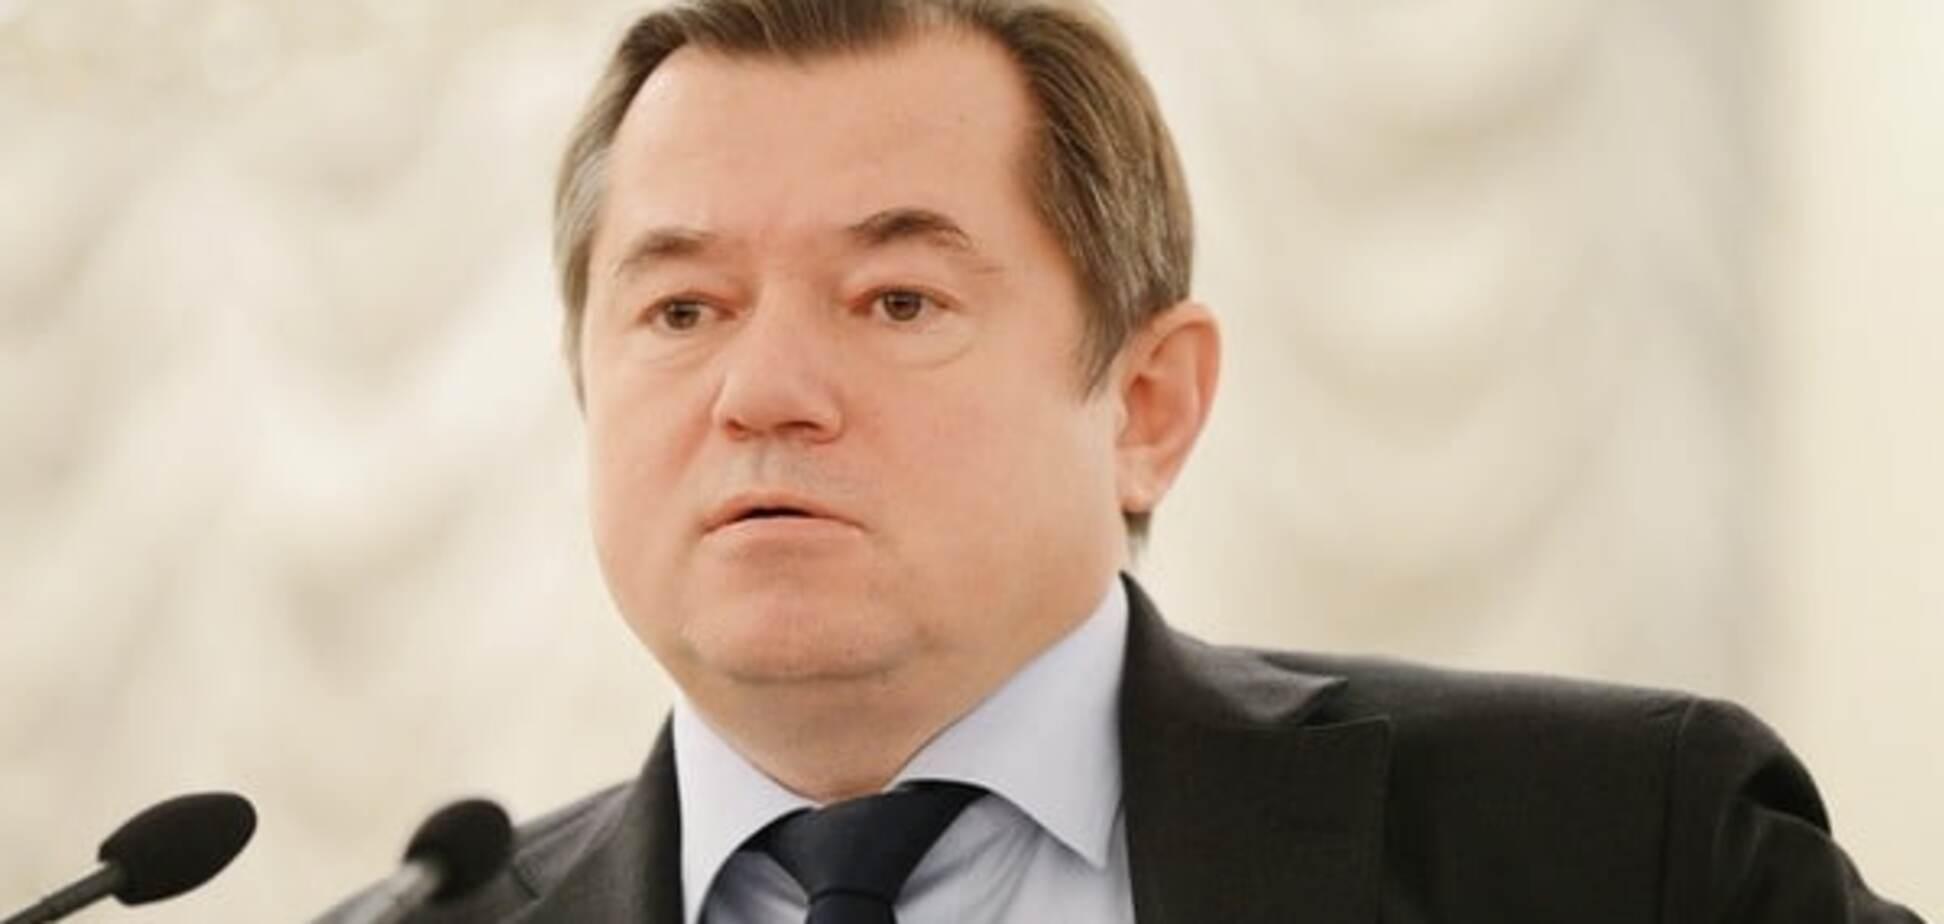 'Геніальна' ідея: у Путіна хочуть обкласти валютників податком в 1 трлн рублів